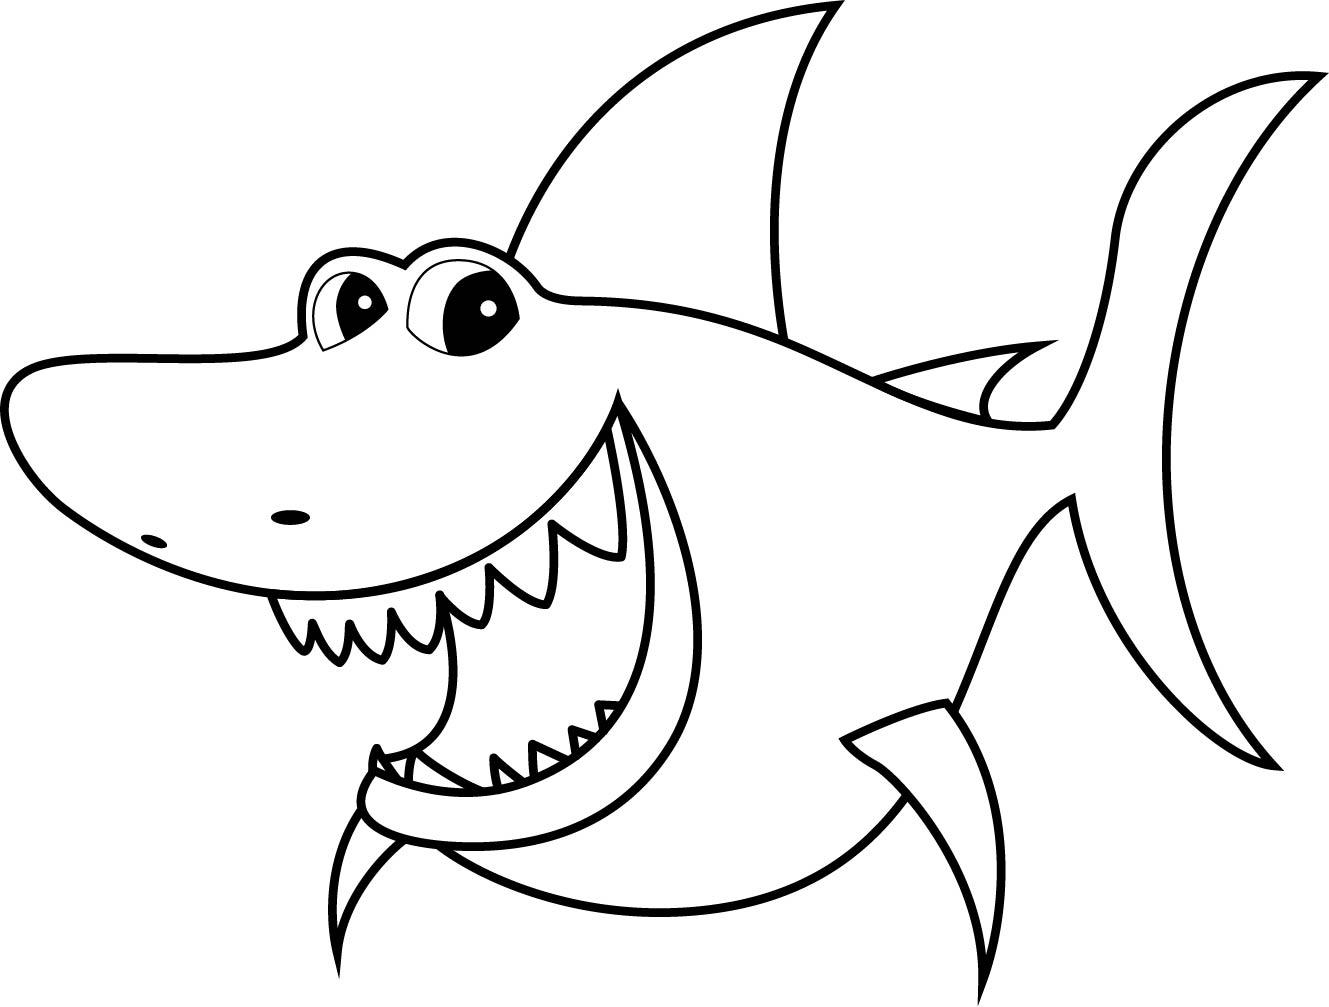 акула картинки раскраски раскраска акула для детей